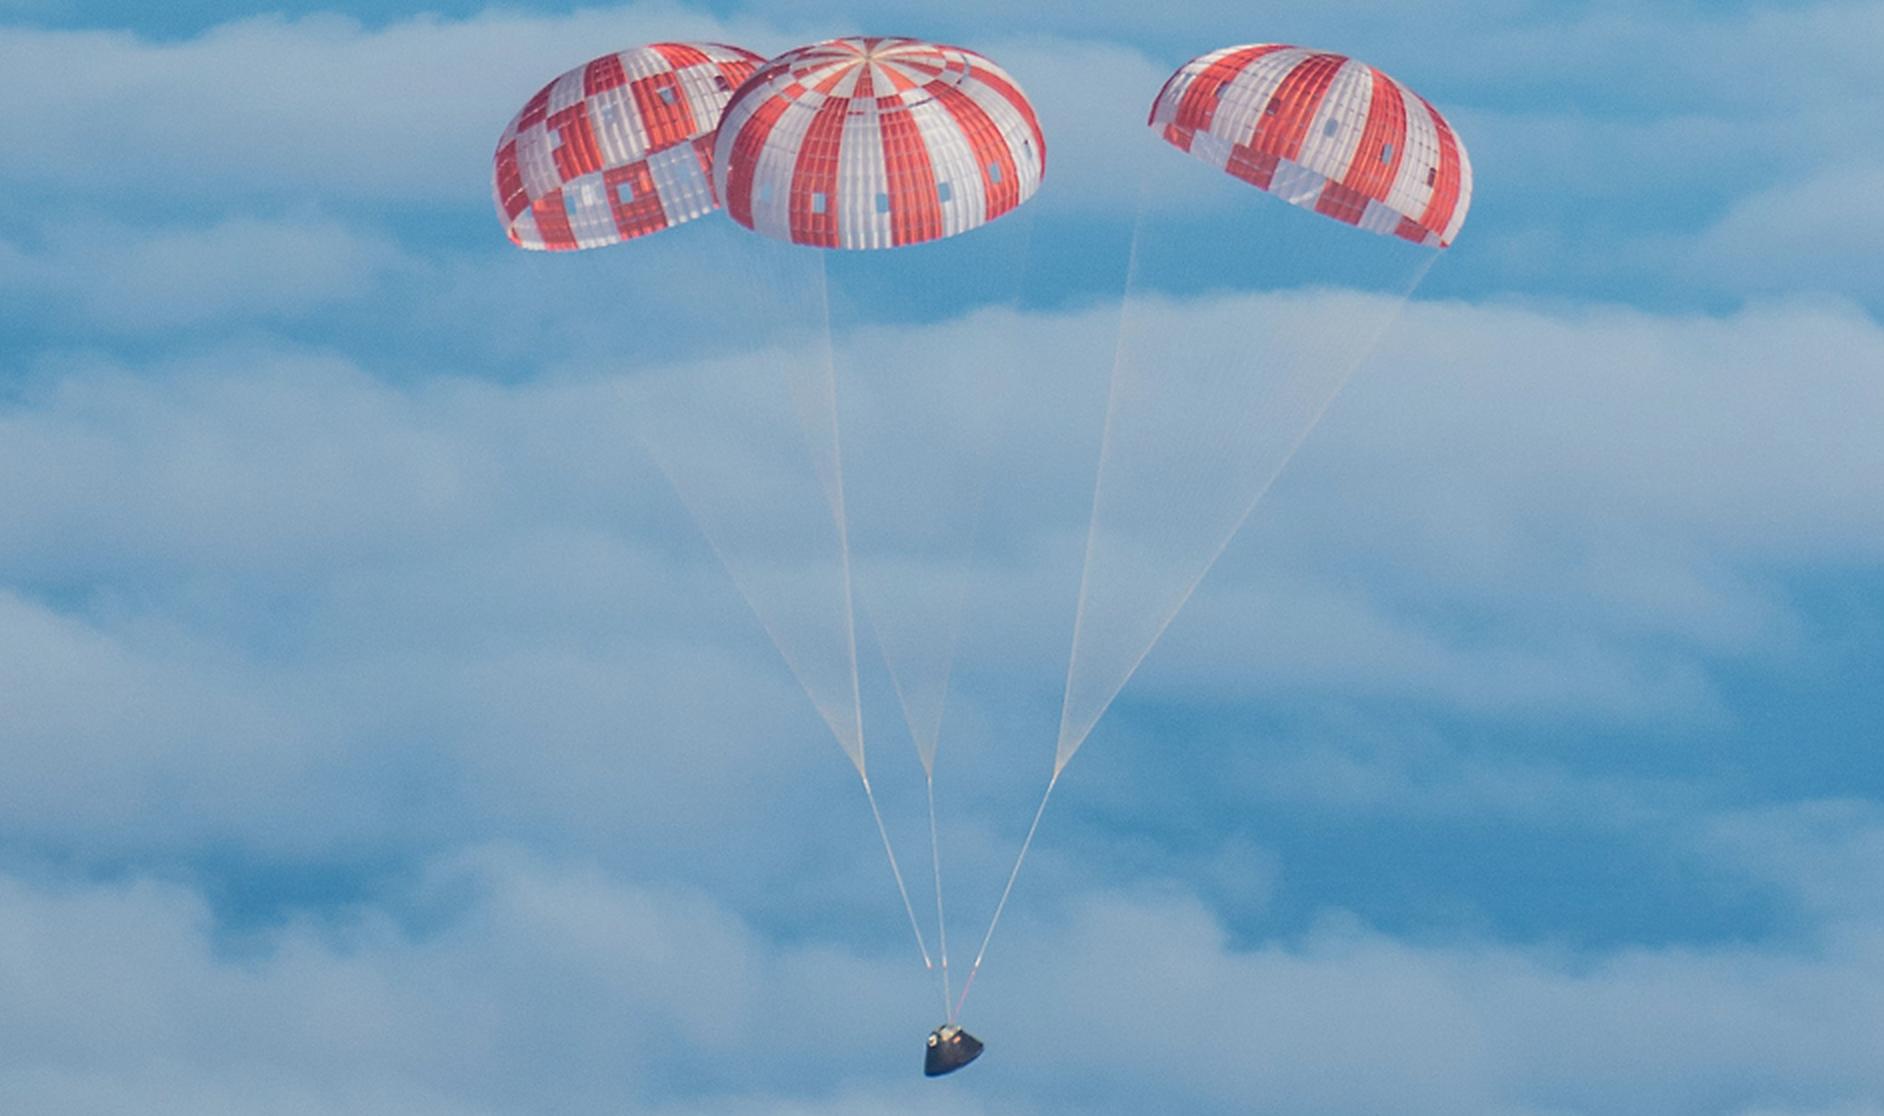 NASA's Orion spacecraft glides through clouds